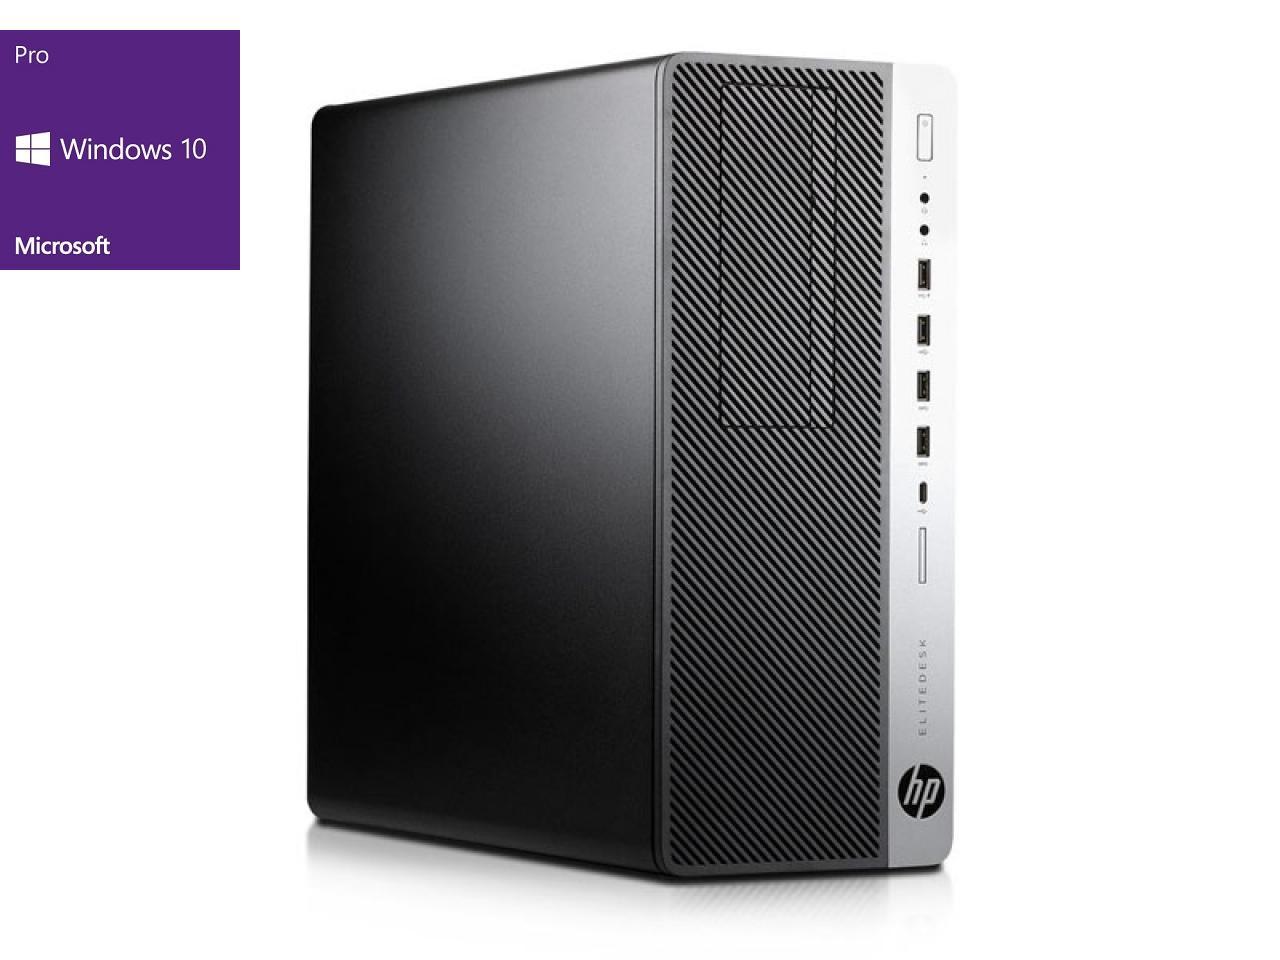 Hewlett Packard EliteDesk 800 G3 MT  - shop.bb-net.de